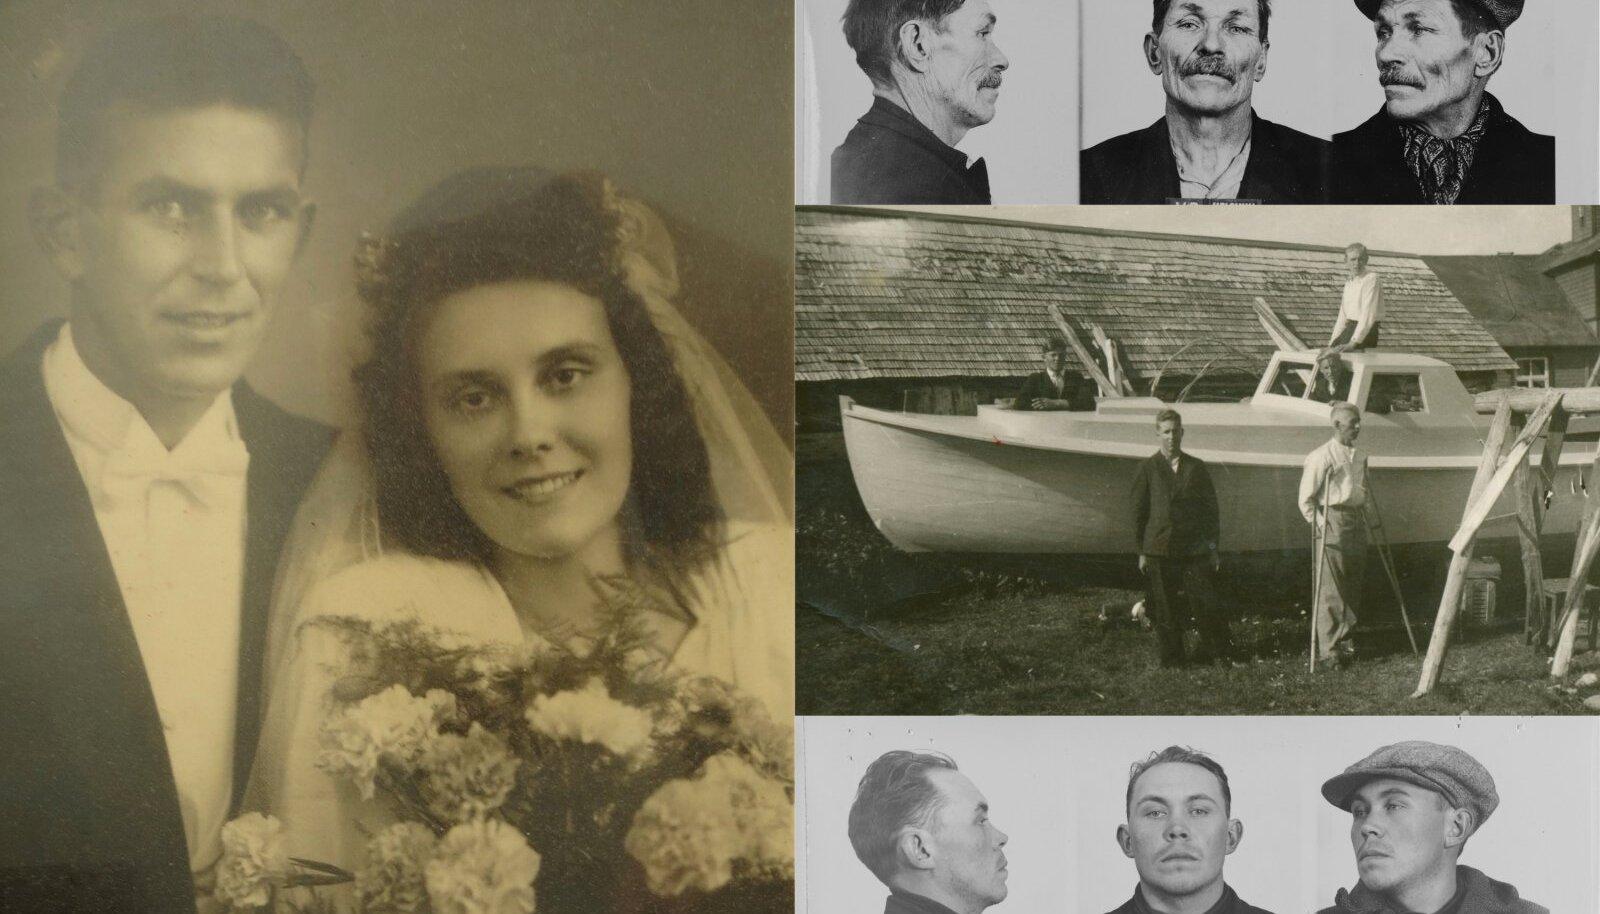 SEDA PAATI POLE TEHTUD LINNULUUST: Helmut Aksberg istub 1942. aastal Aksi saarel ehitatava paadi katusel ja tema vend Verner seisab selle ees karkudel. Valmis paati kasutati inimeste salaveoks.